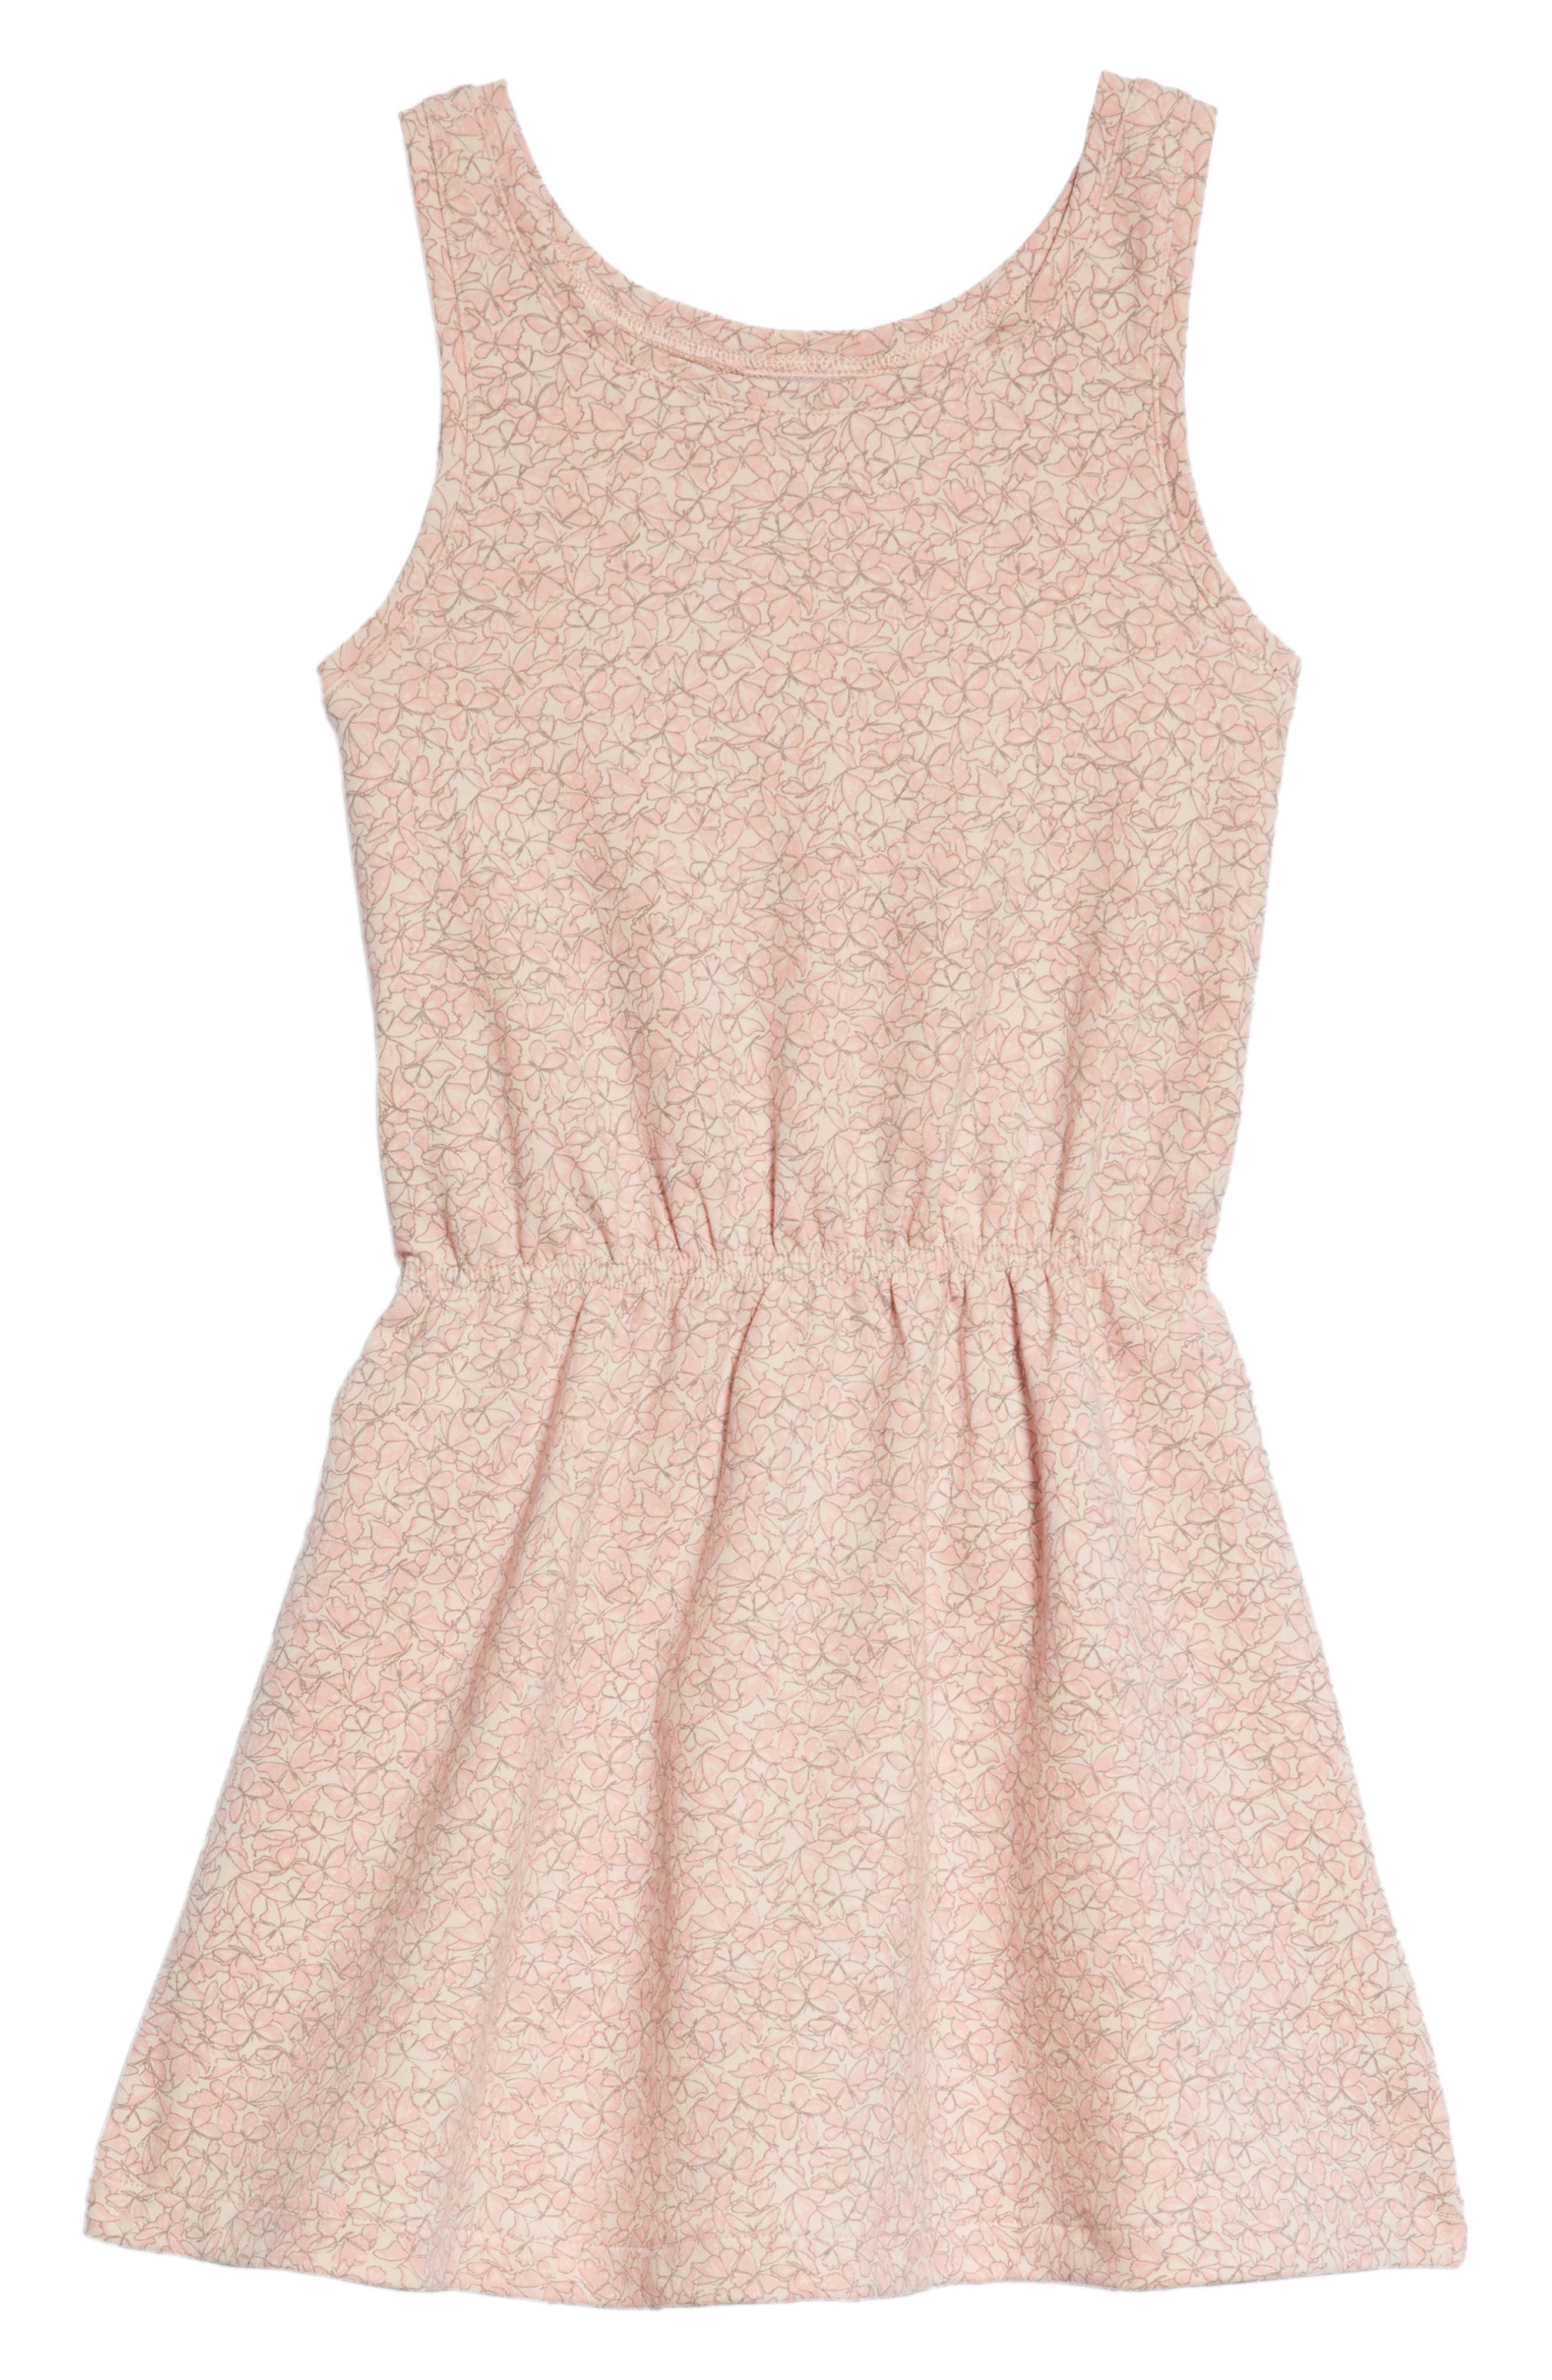 Bridgit Dress,                         Main,                         color, 650